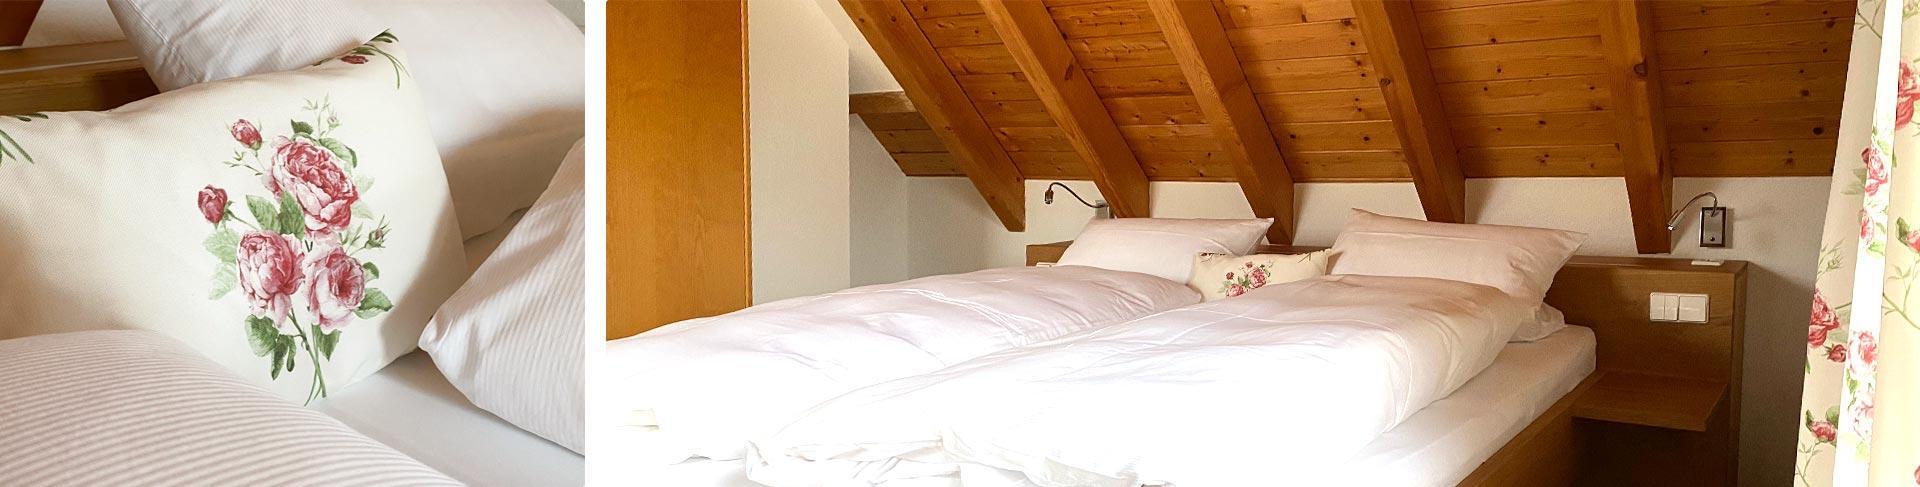 Untern Dach: geräumiges Zimmer zum Wohlfühlen neu renoviert